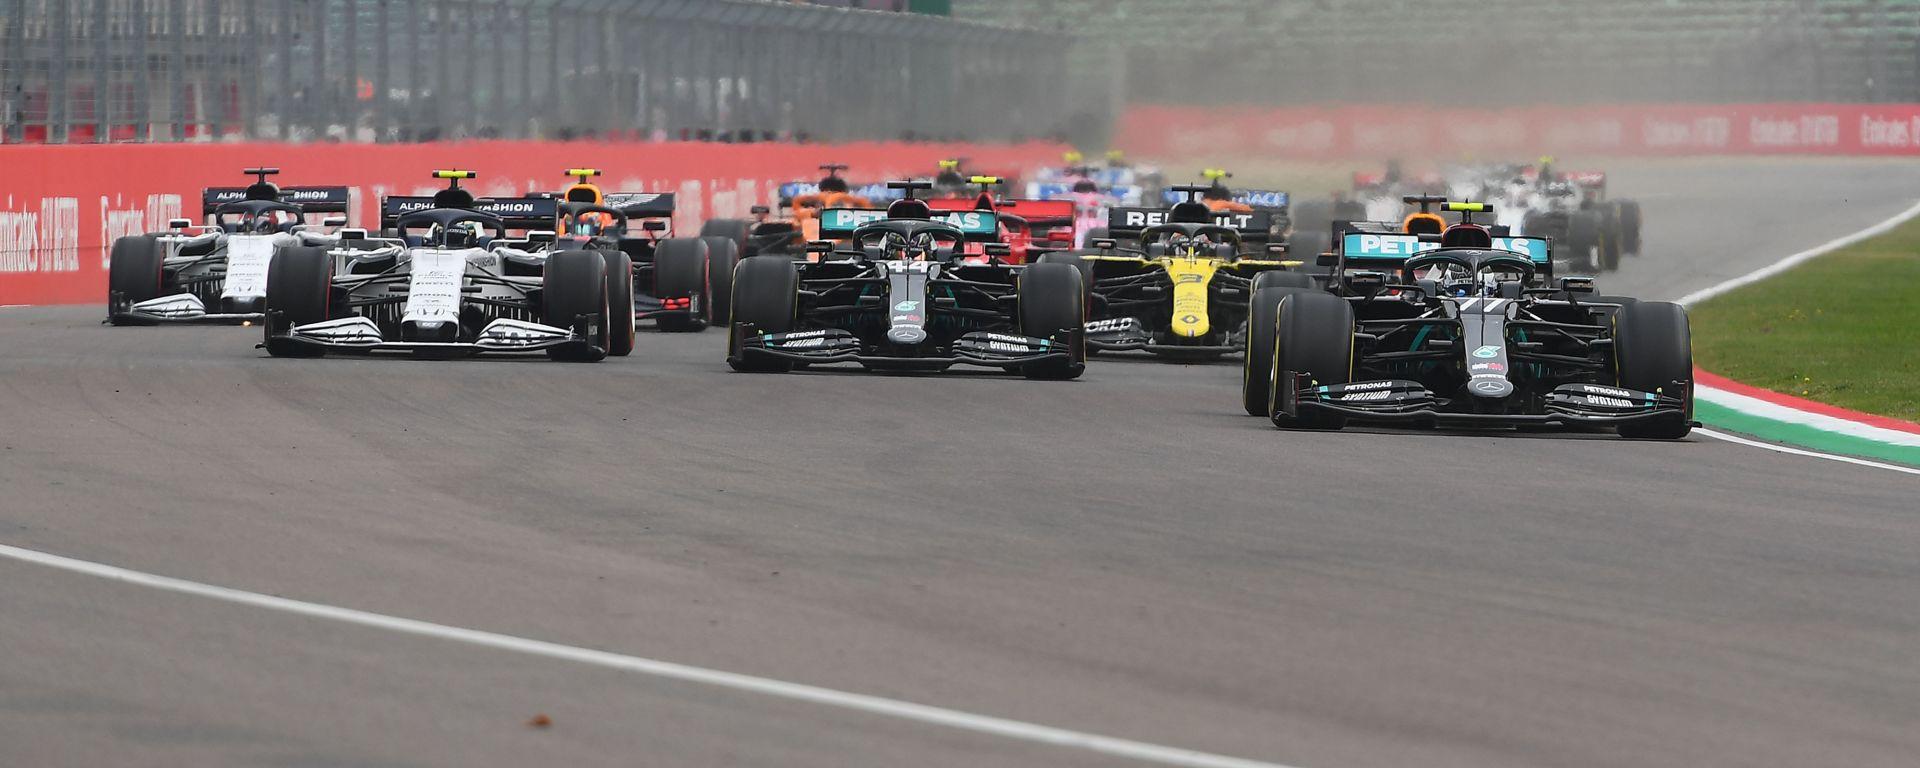 F1 GP Emilia Romagna 2020, Imola: la partenza della gara